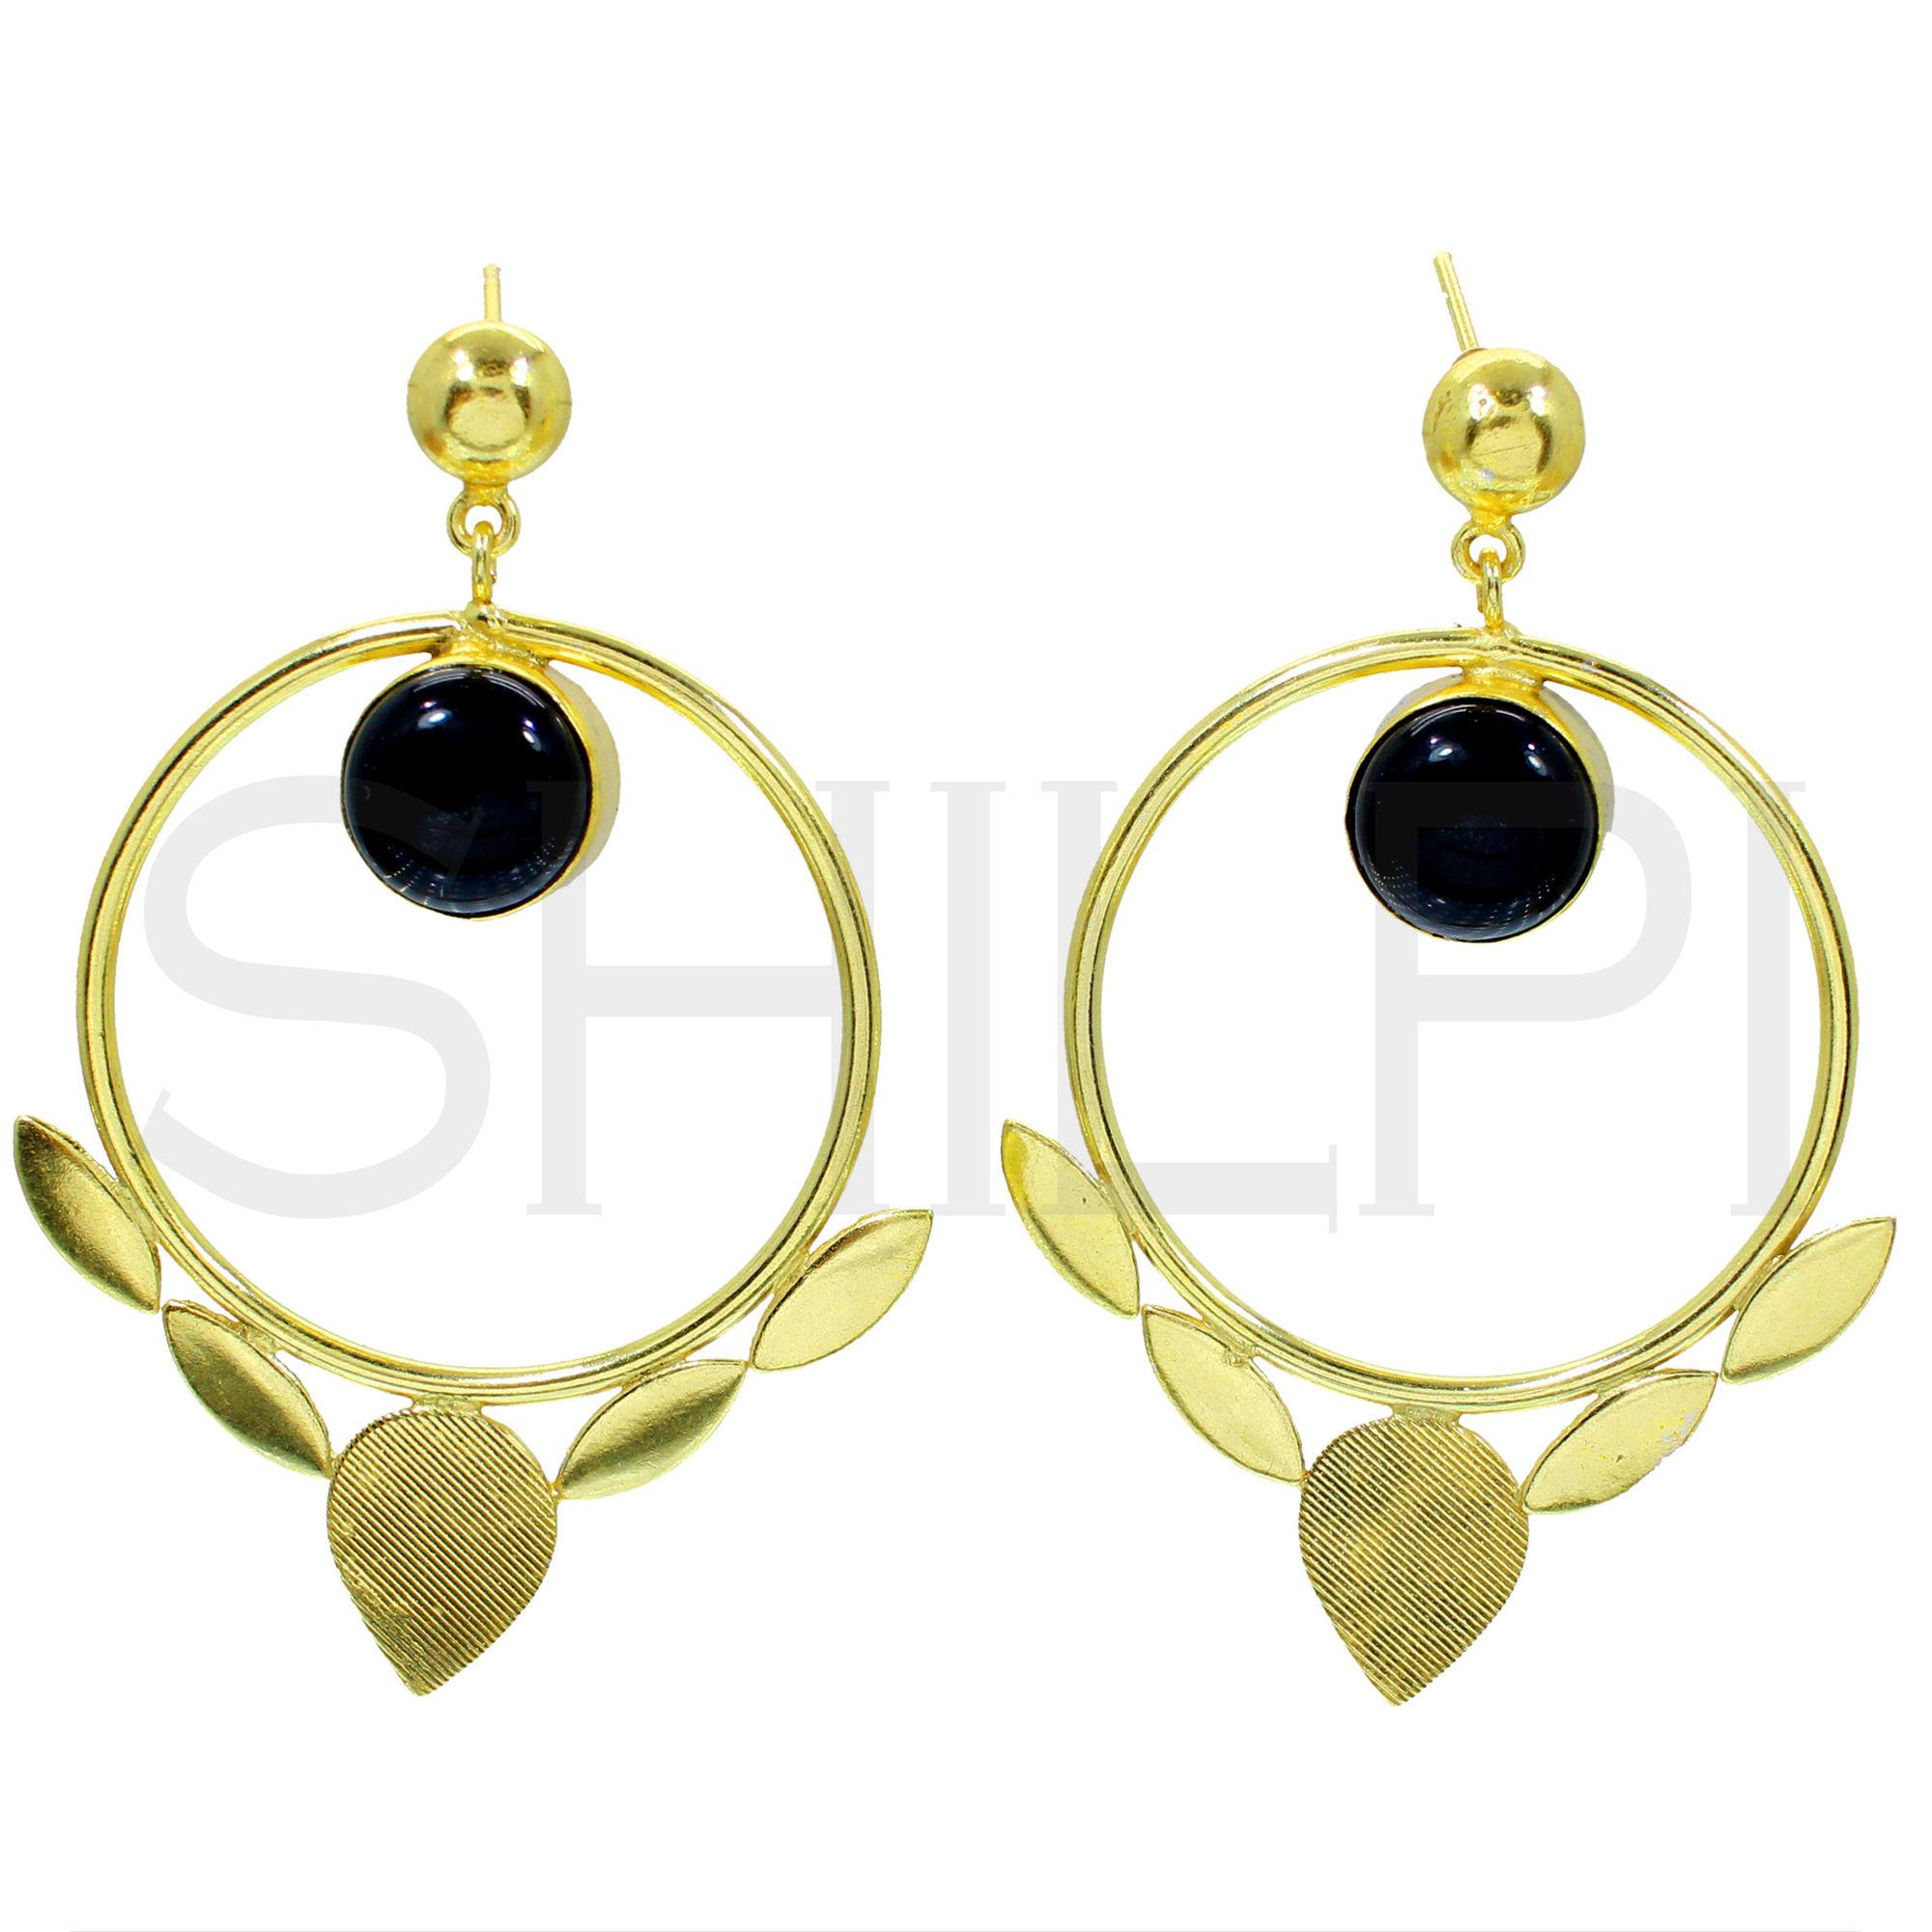 Natural Black Onyx Gold Plated Designer Handmade Stud Earrings